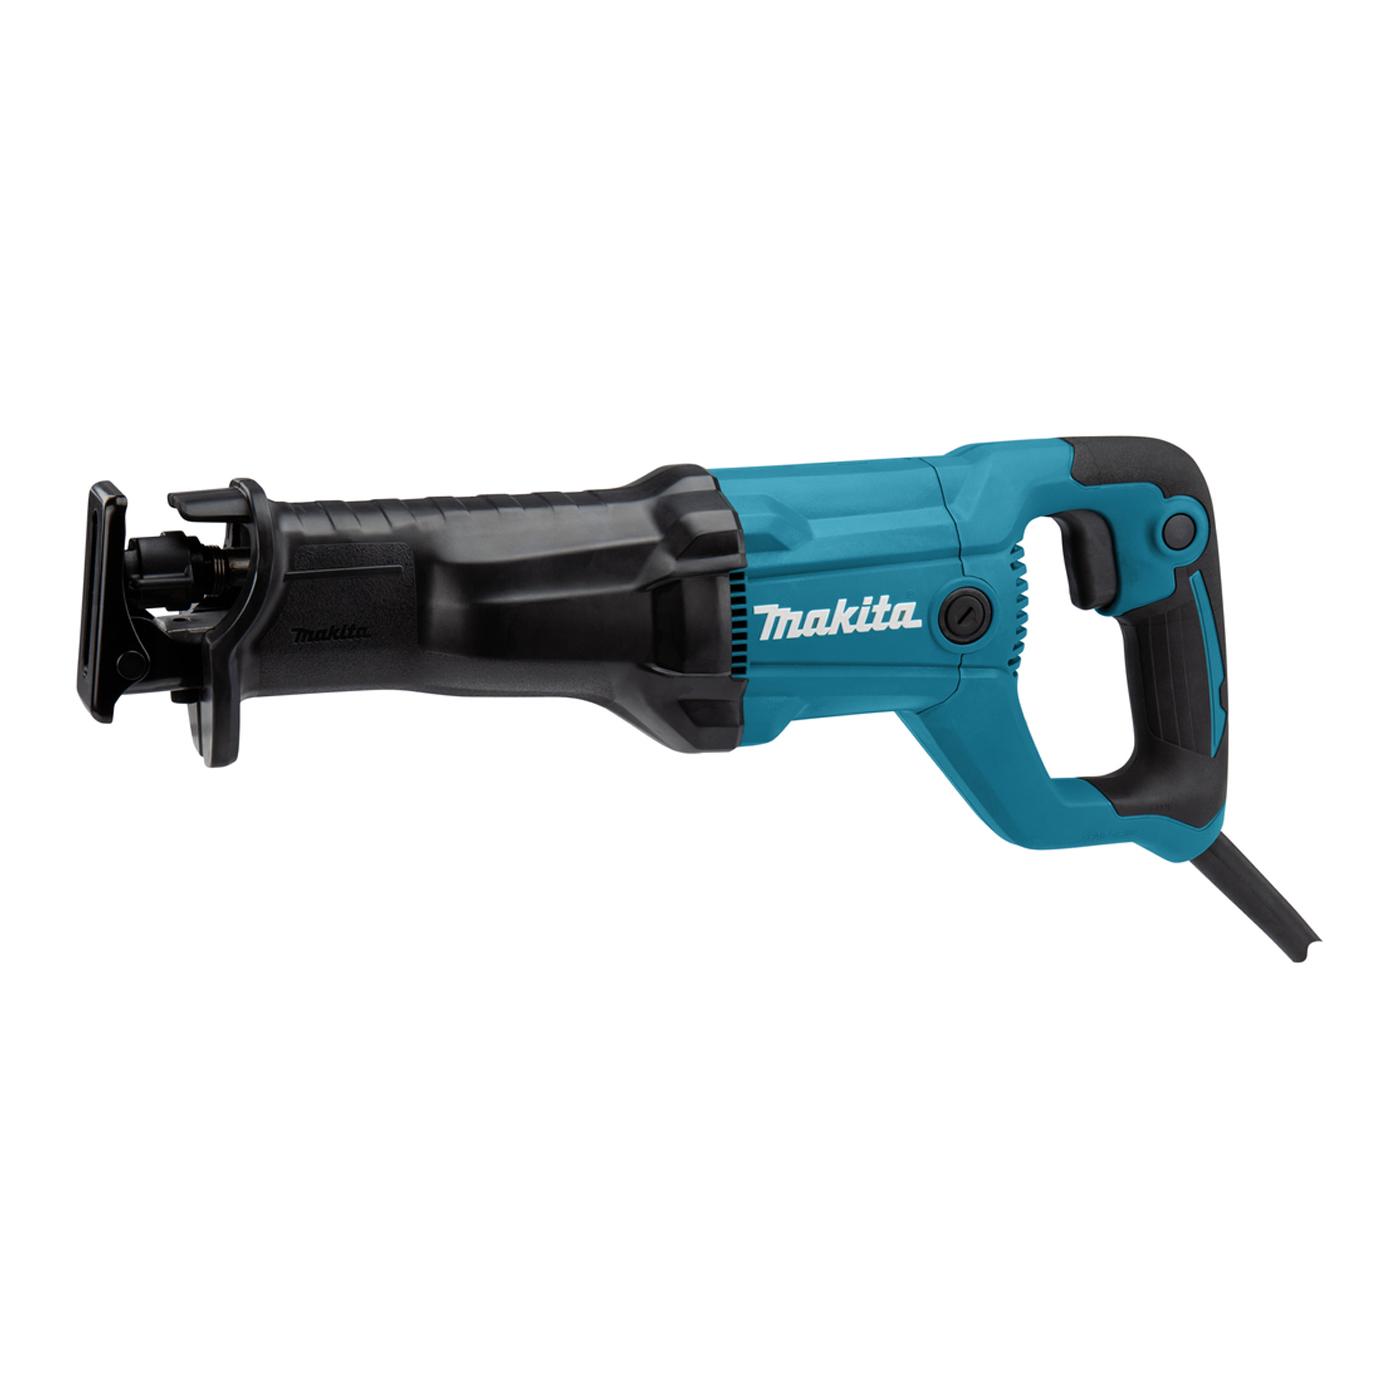 Makita 230 V Reciprozaag JR3051TK + GRATIS toolinlay